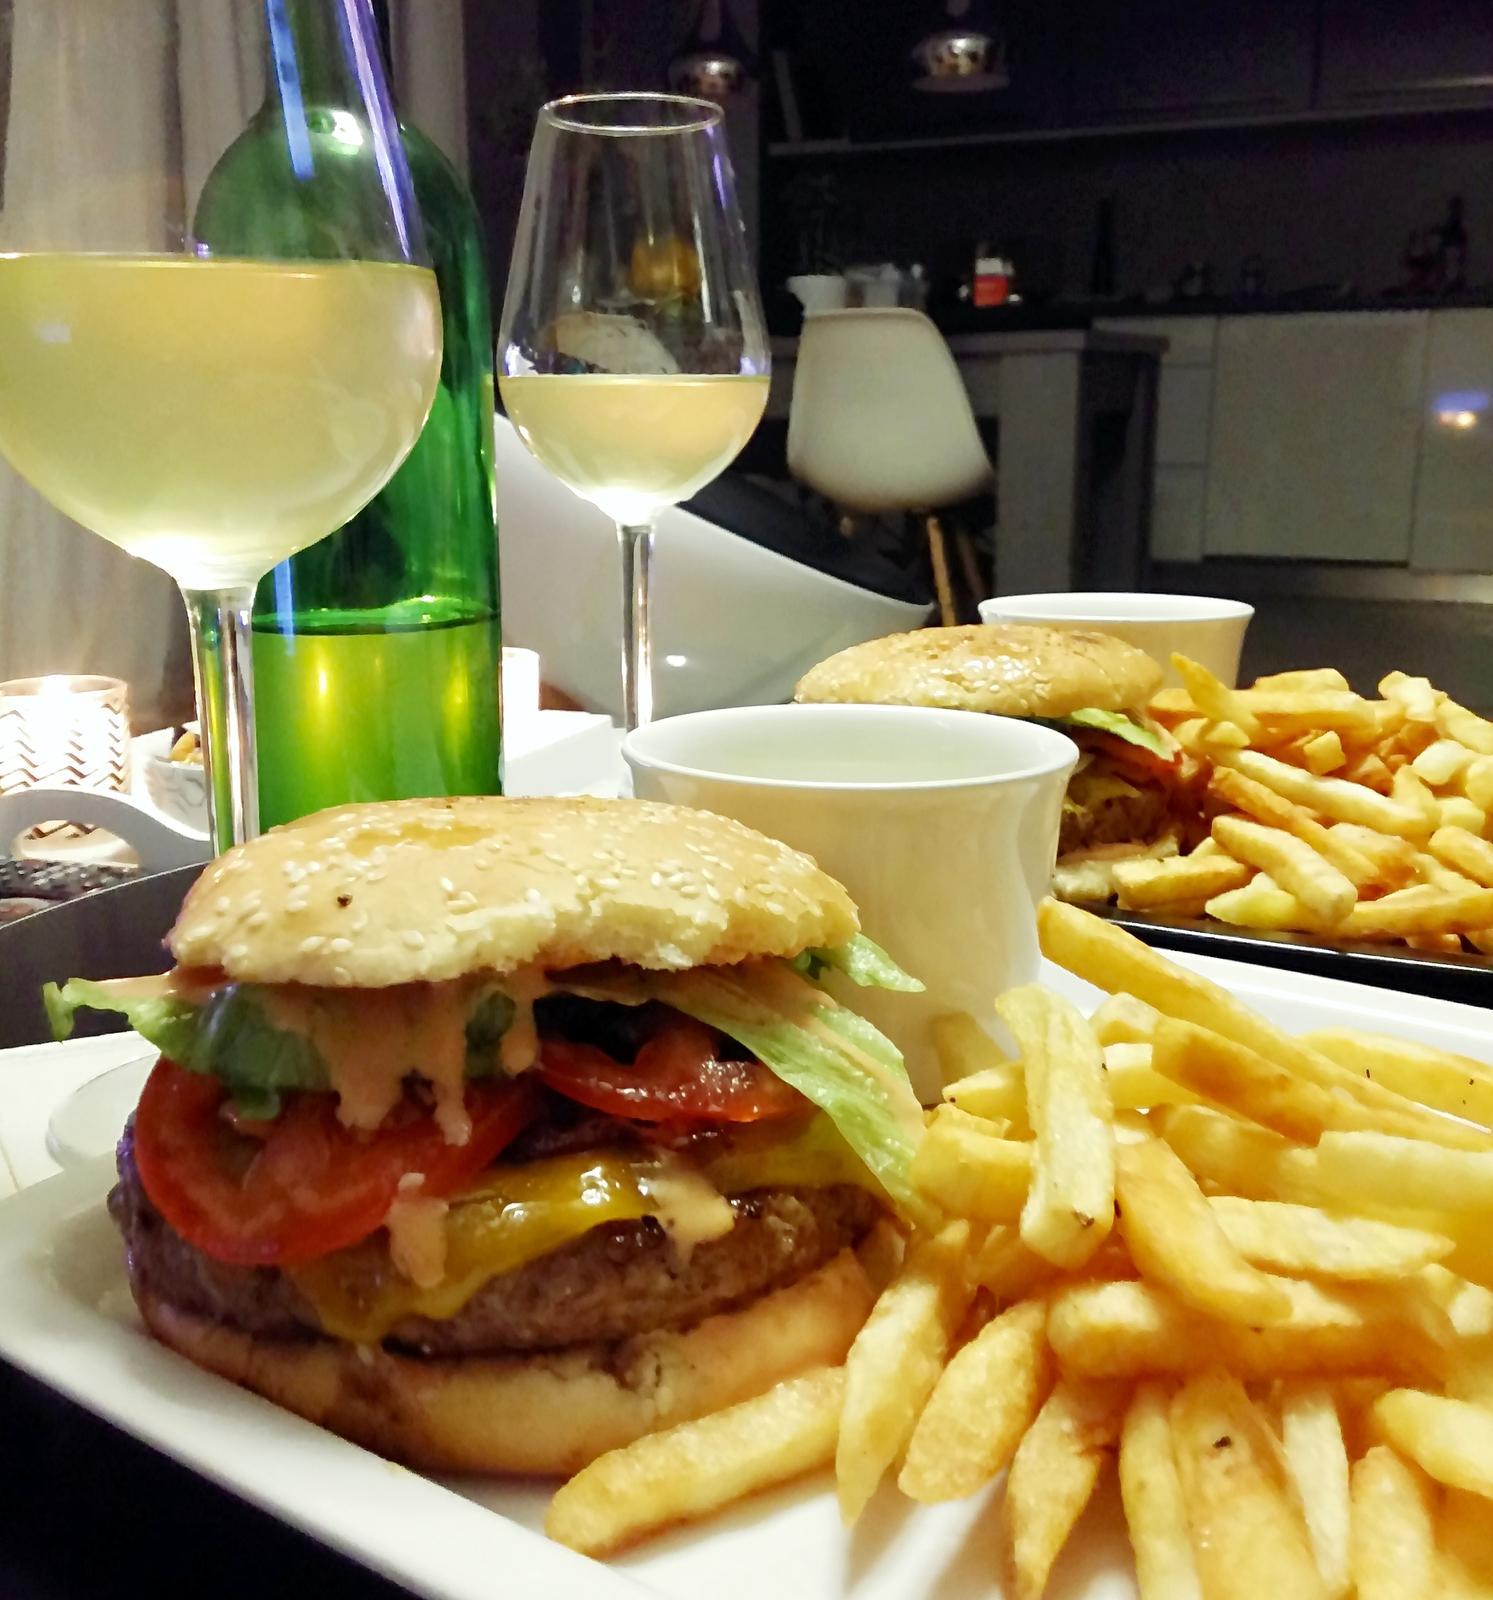 Upečeno a uvařeno u nás doma - Jehněčí burger, milého totiž burgery nepřestávají bavit a když jsem nemocná, je tohle jeho způsob péče o mě :-)